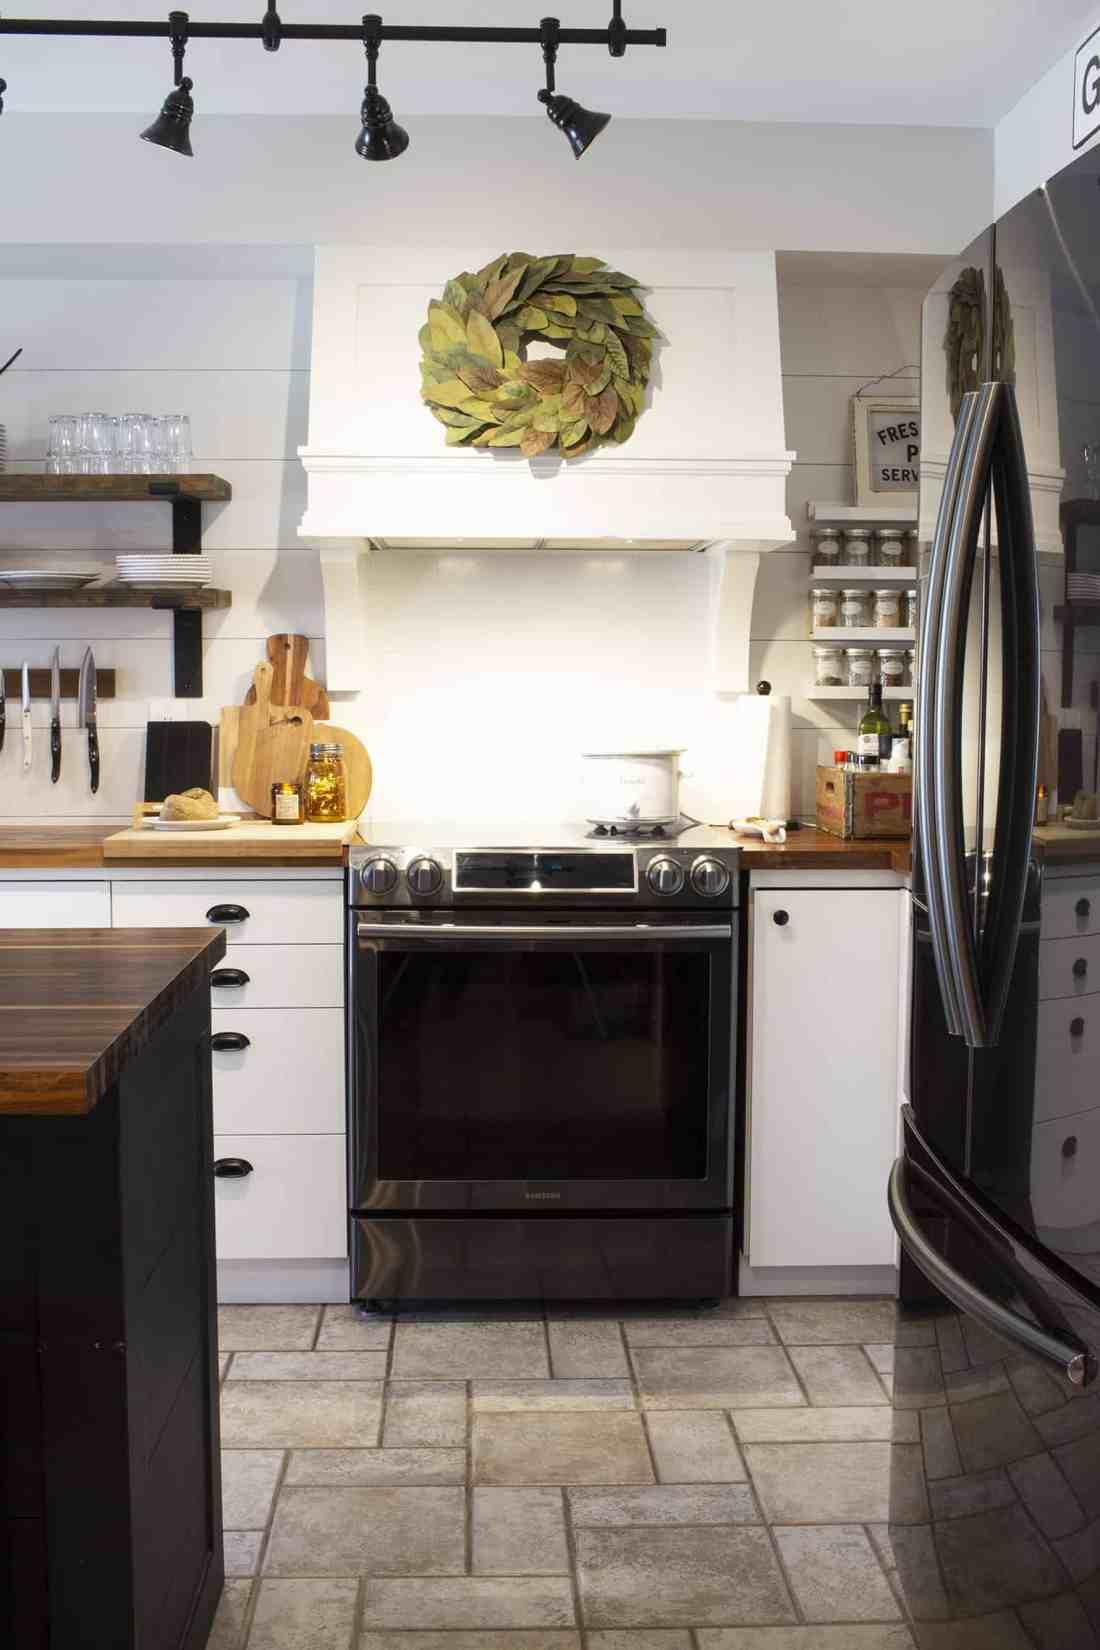 stove and range hood